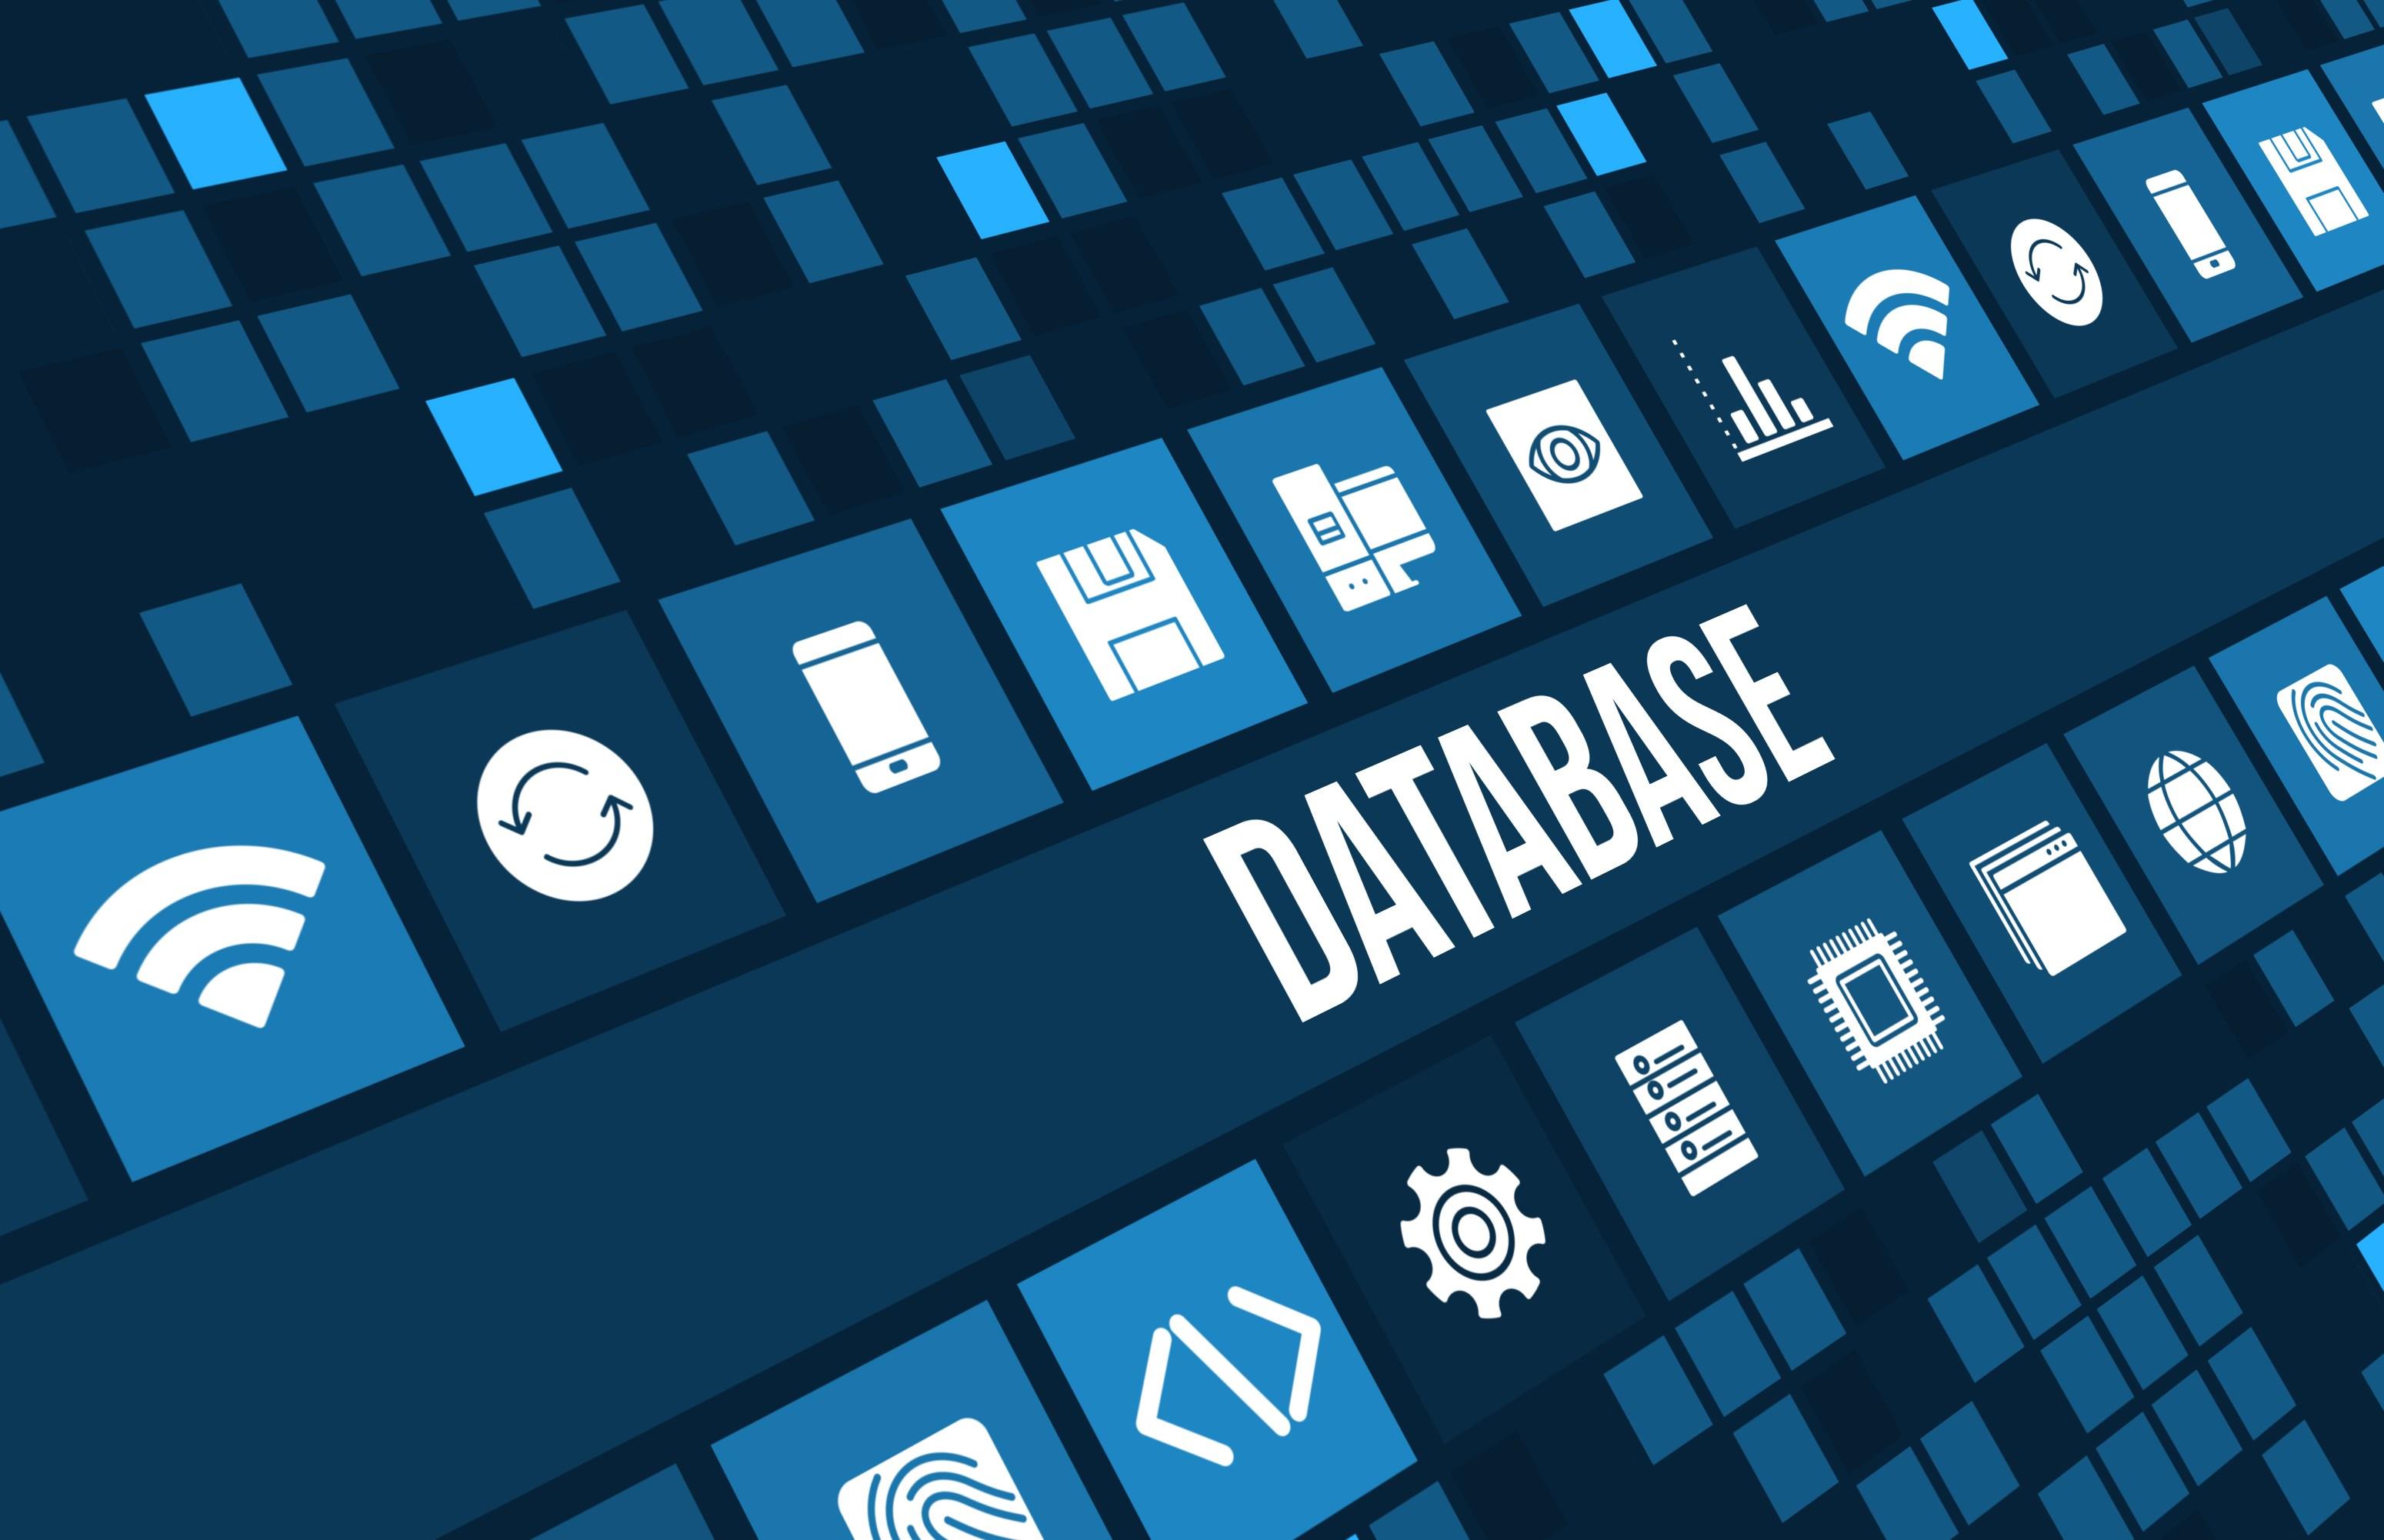 Database là gì? Các loại database hiện nay - Web solutions